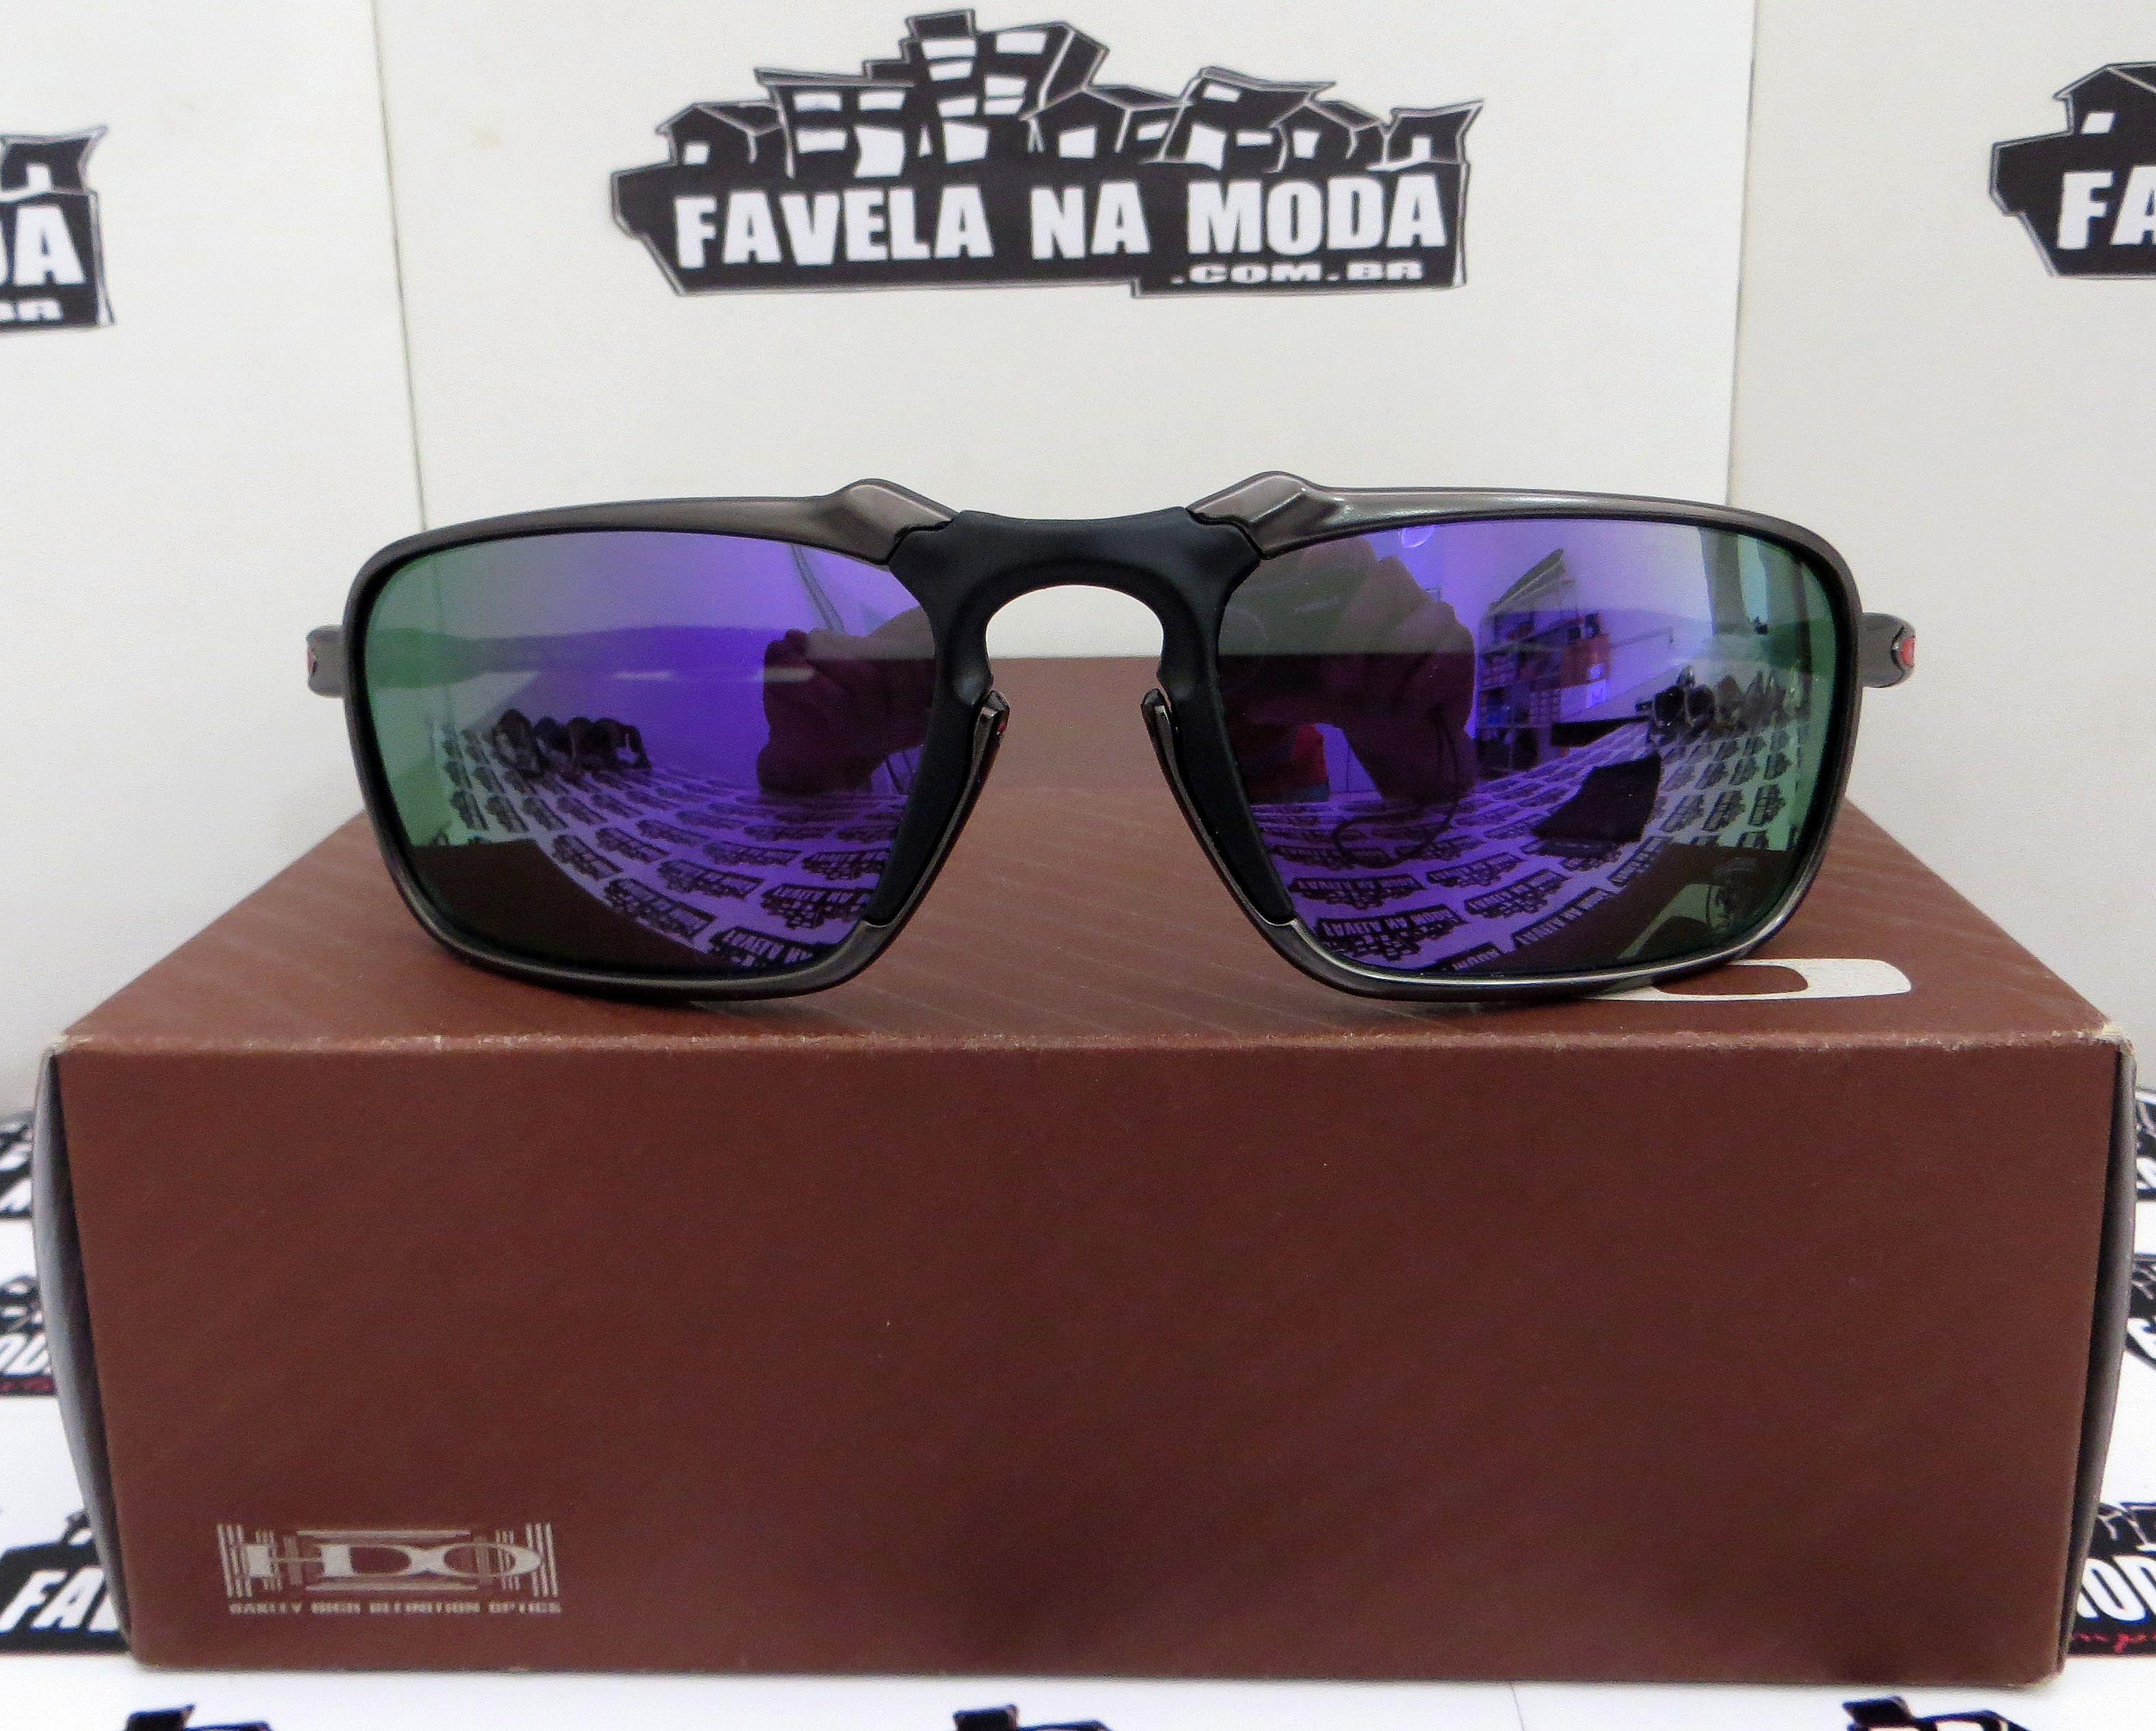 4531ca5e43740 Óculos Oakley Badman - Carbon - Violet - Borrachas Pretas